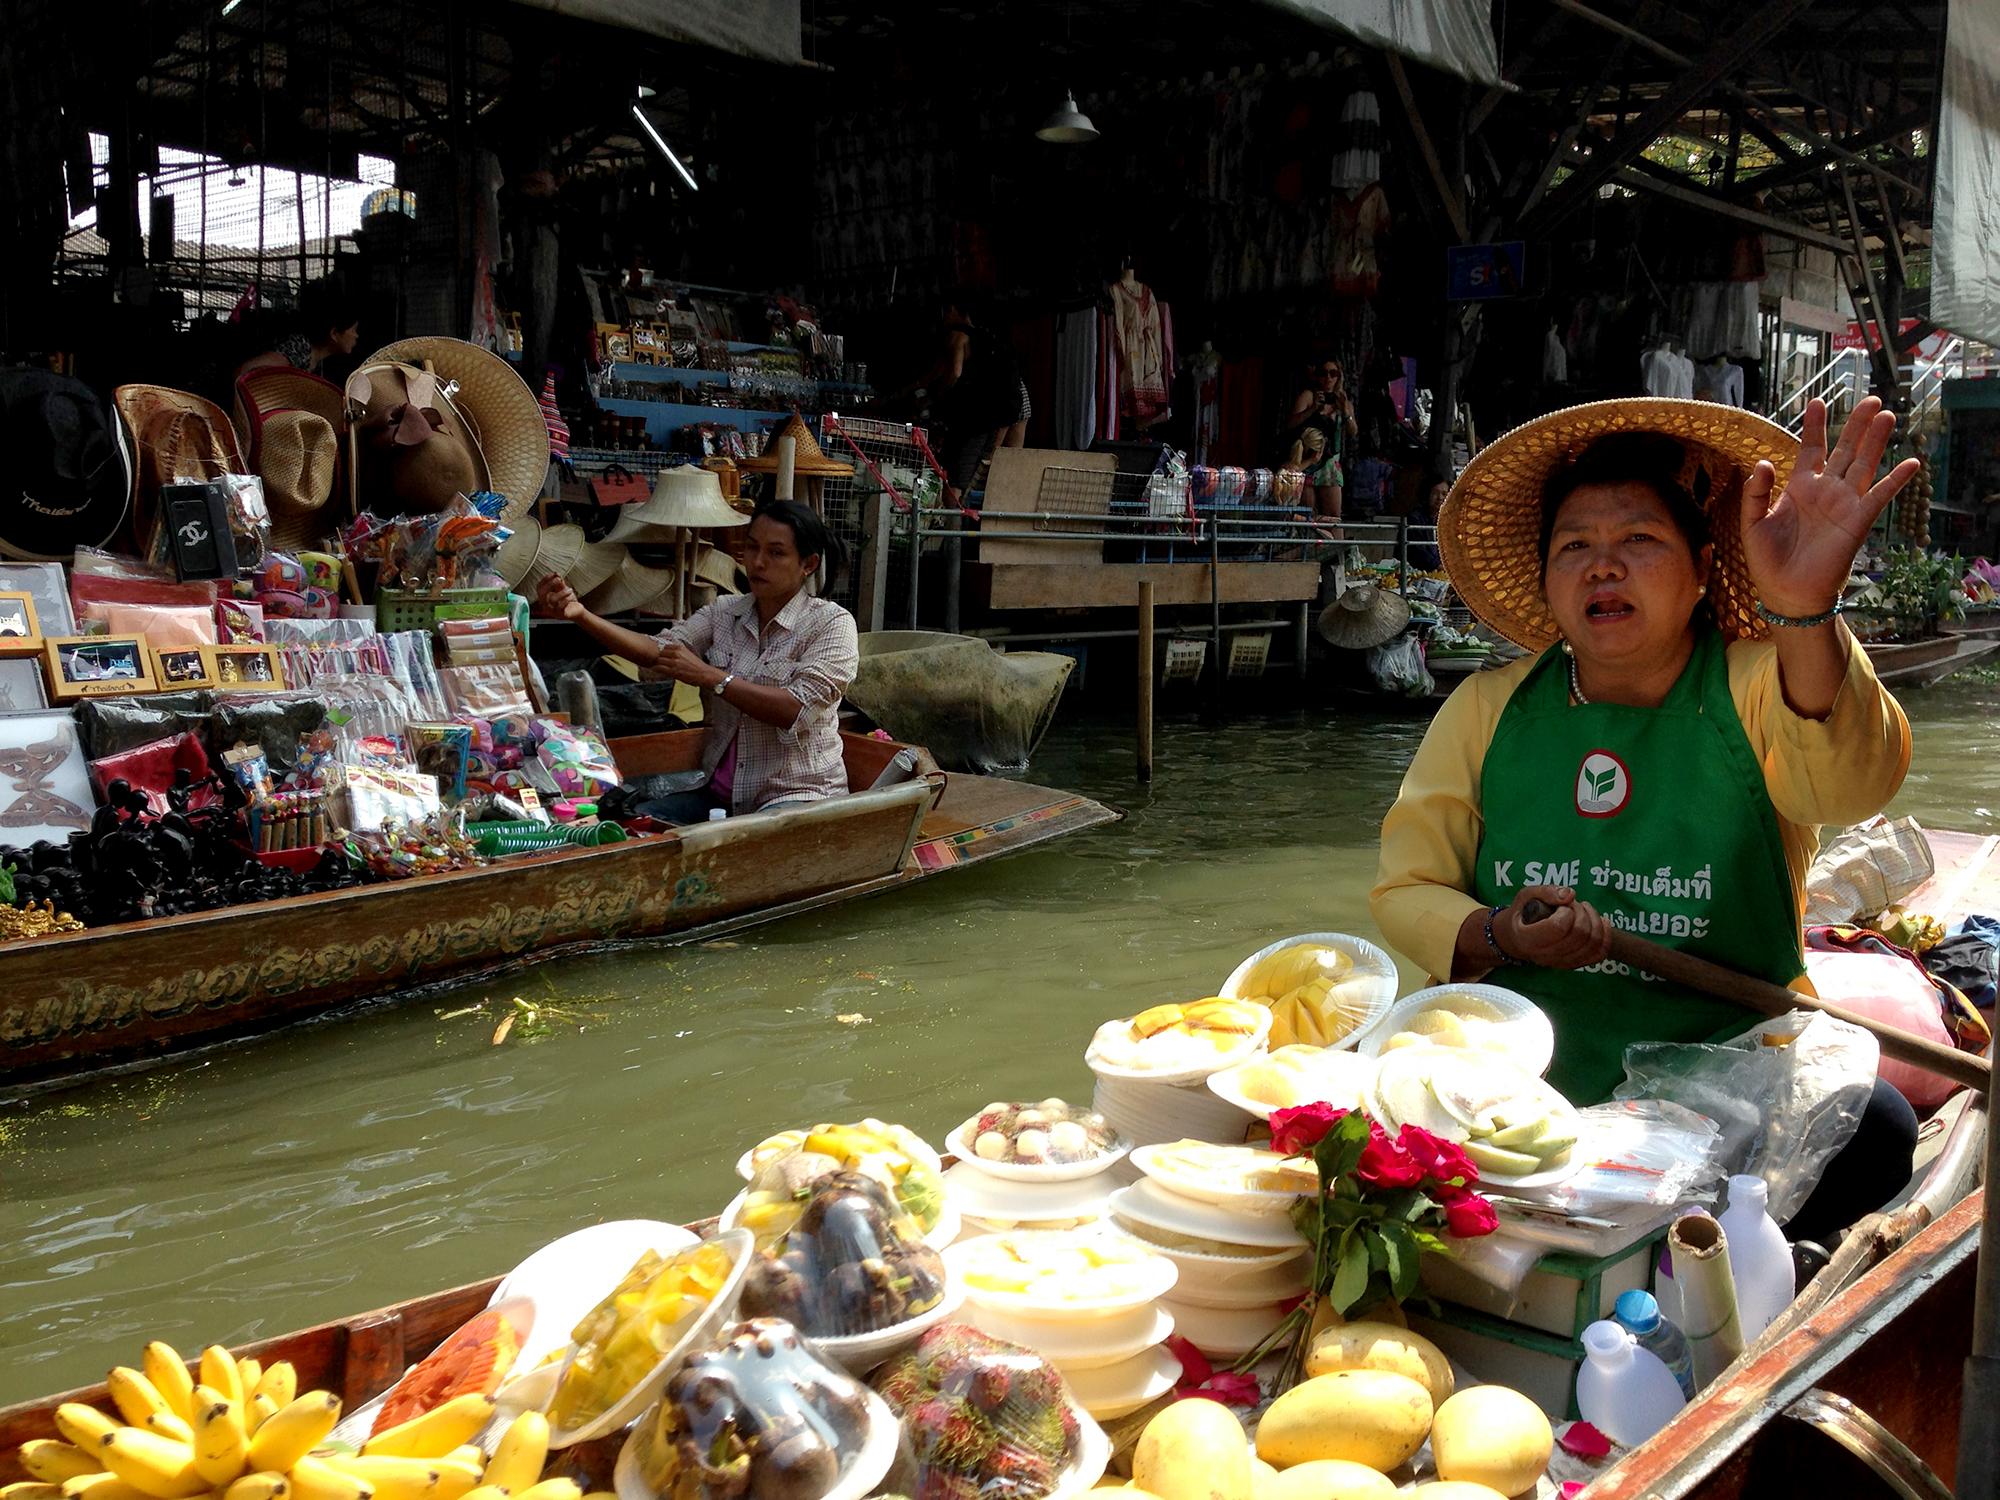 Mujer vende frutas Bangkok, mercado flotante